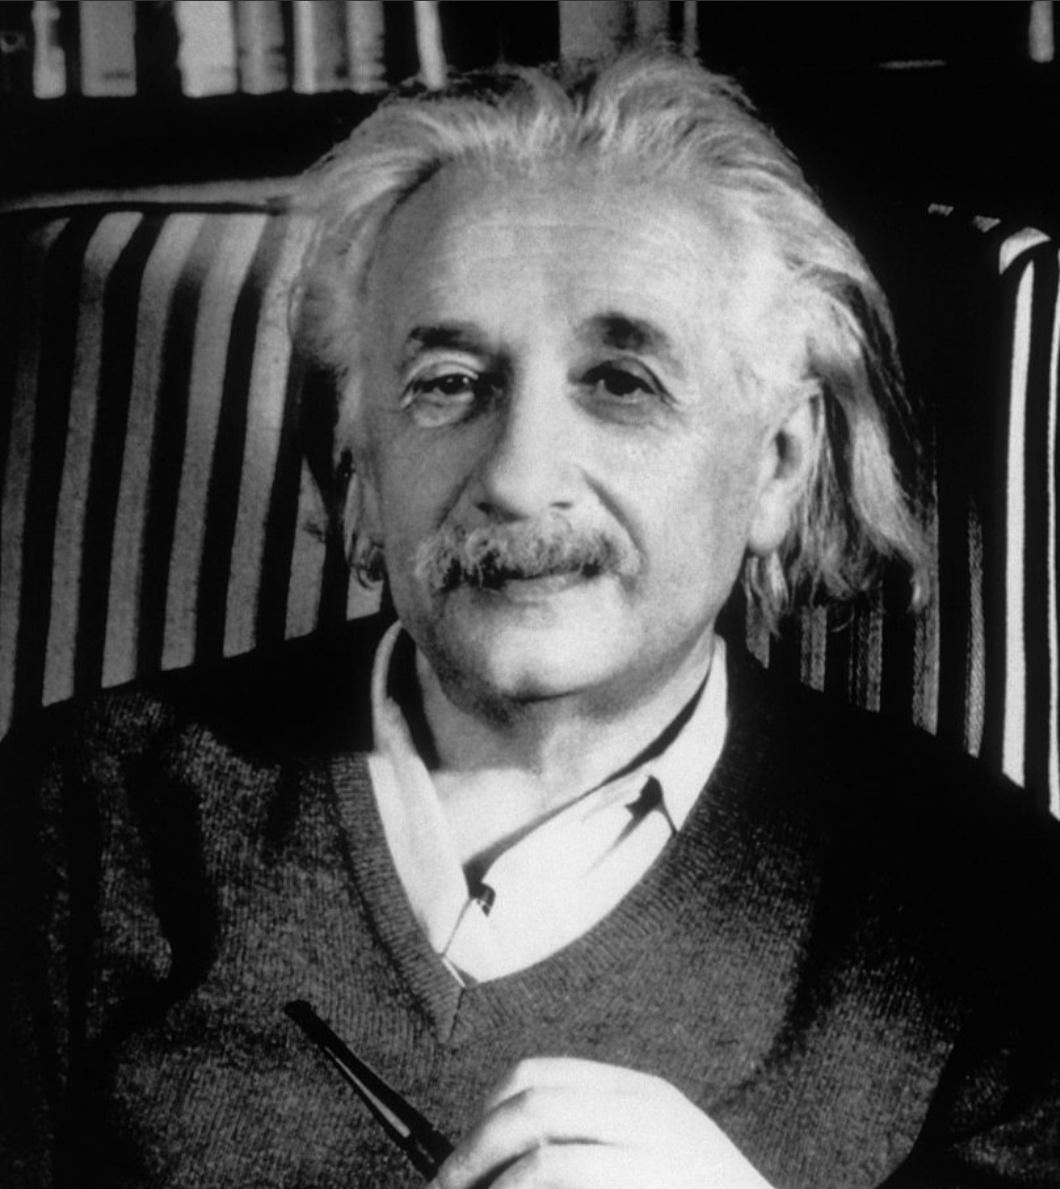 爱因斯坦和特斯拉,哪个更厉害?